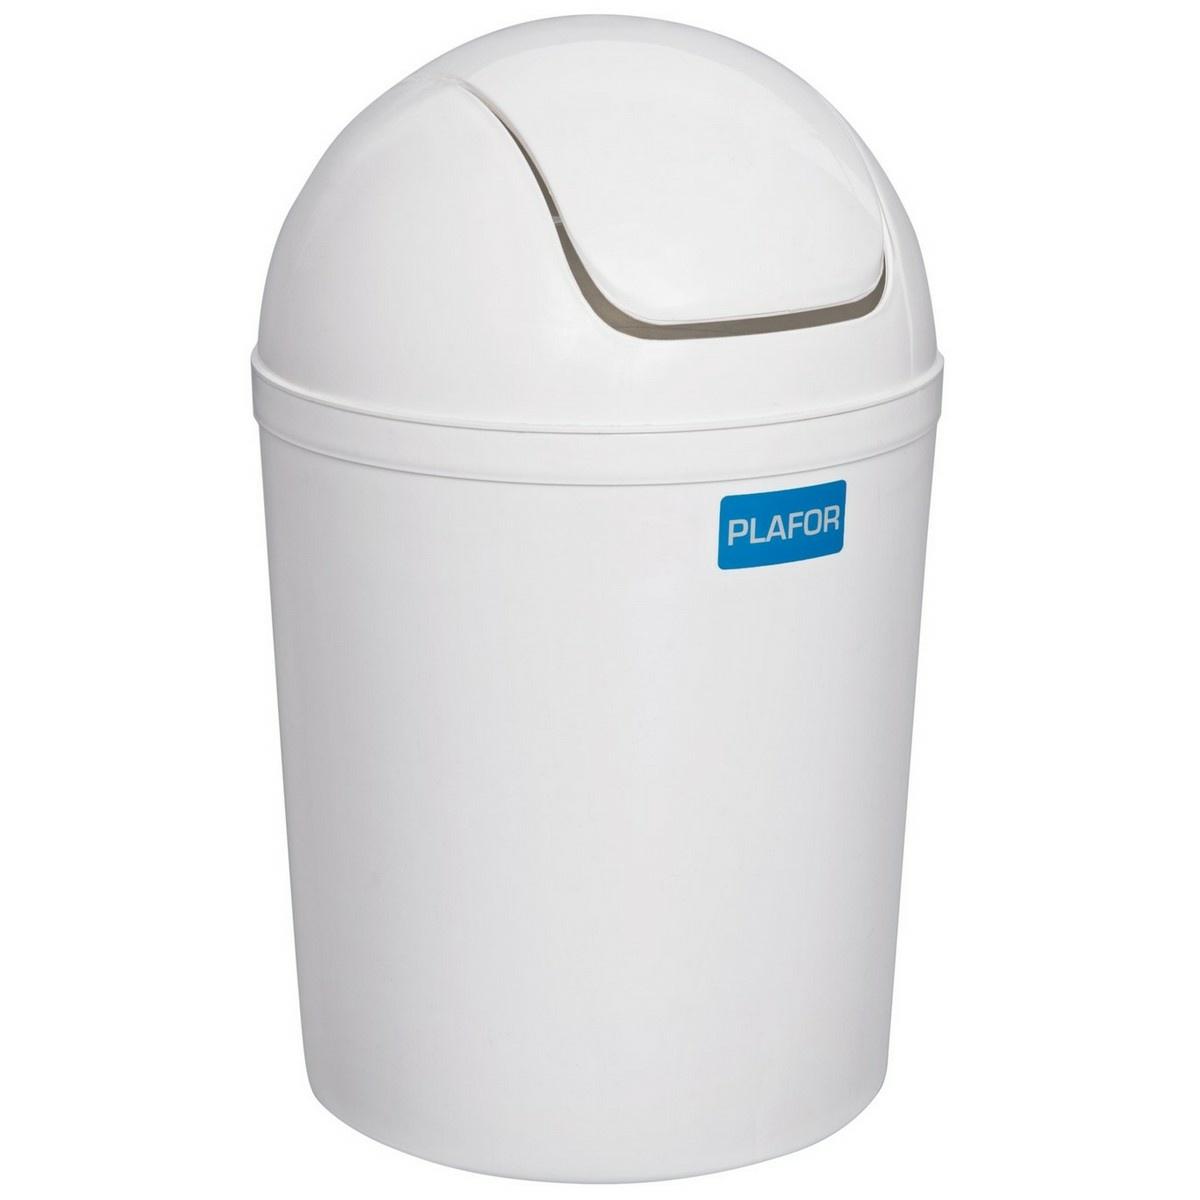 Coș cosmetic de gunoi Aldotrade Swing 5 l, alb imagine 2021 e4home.ro